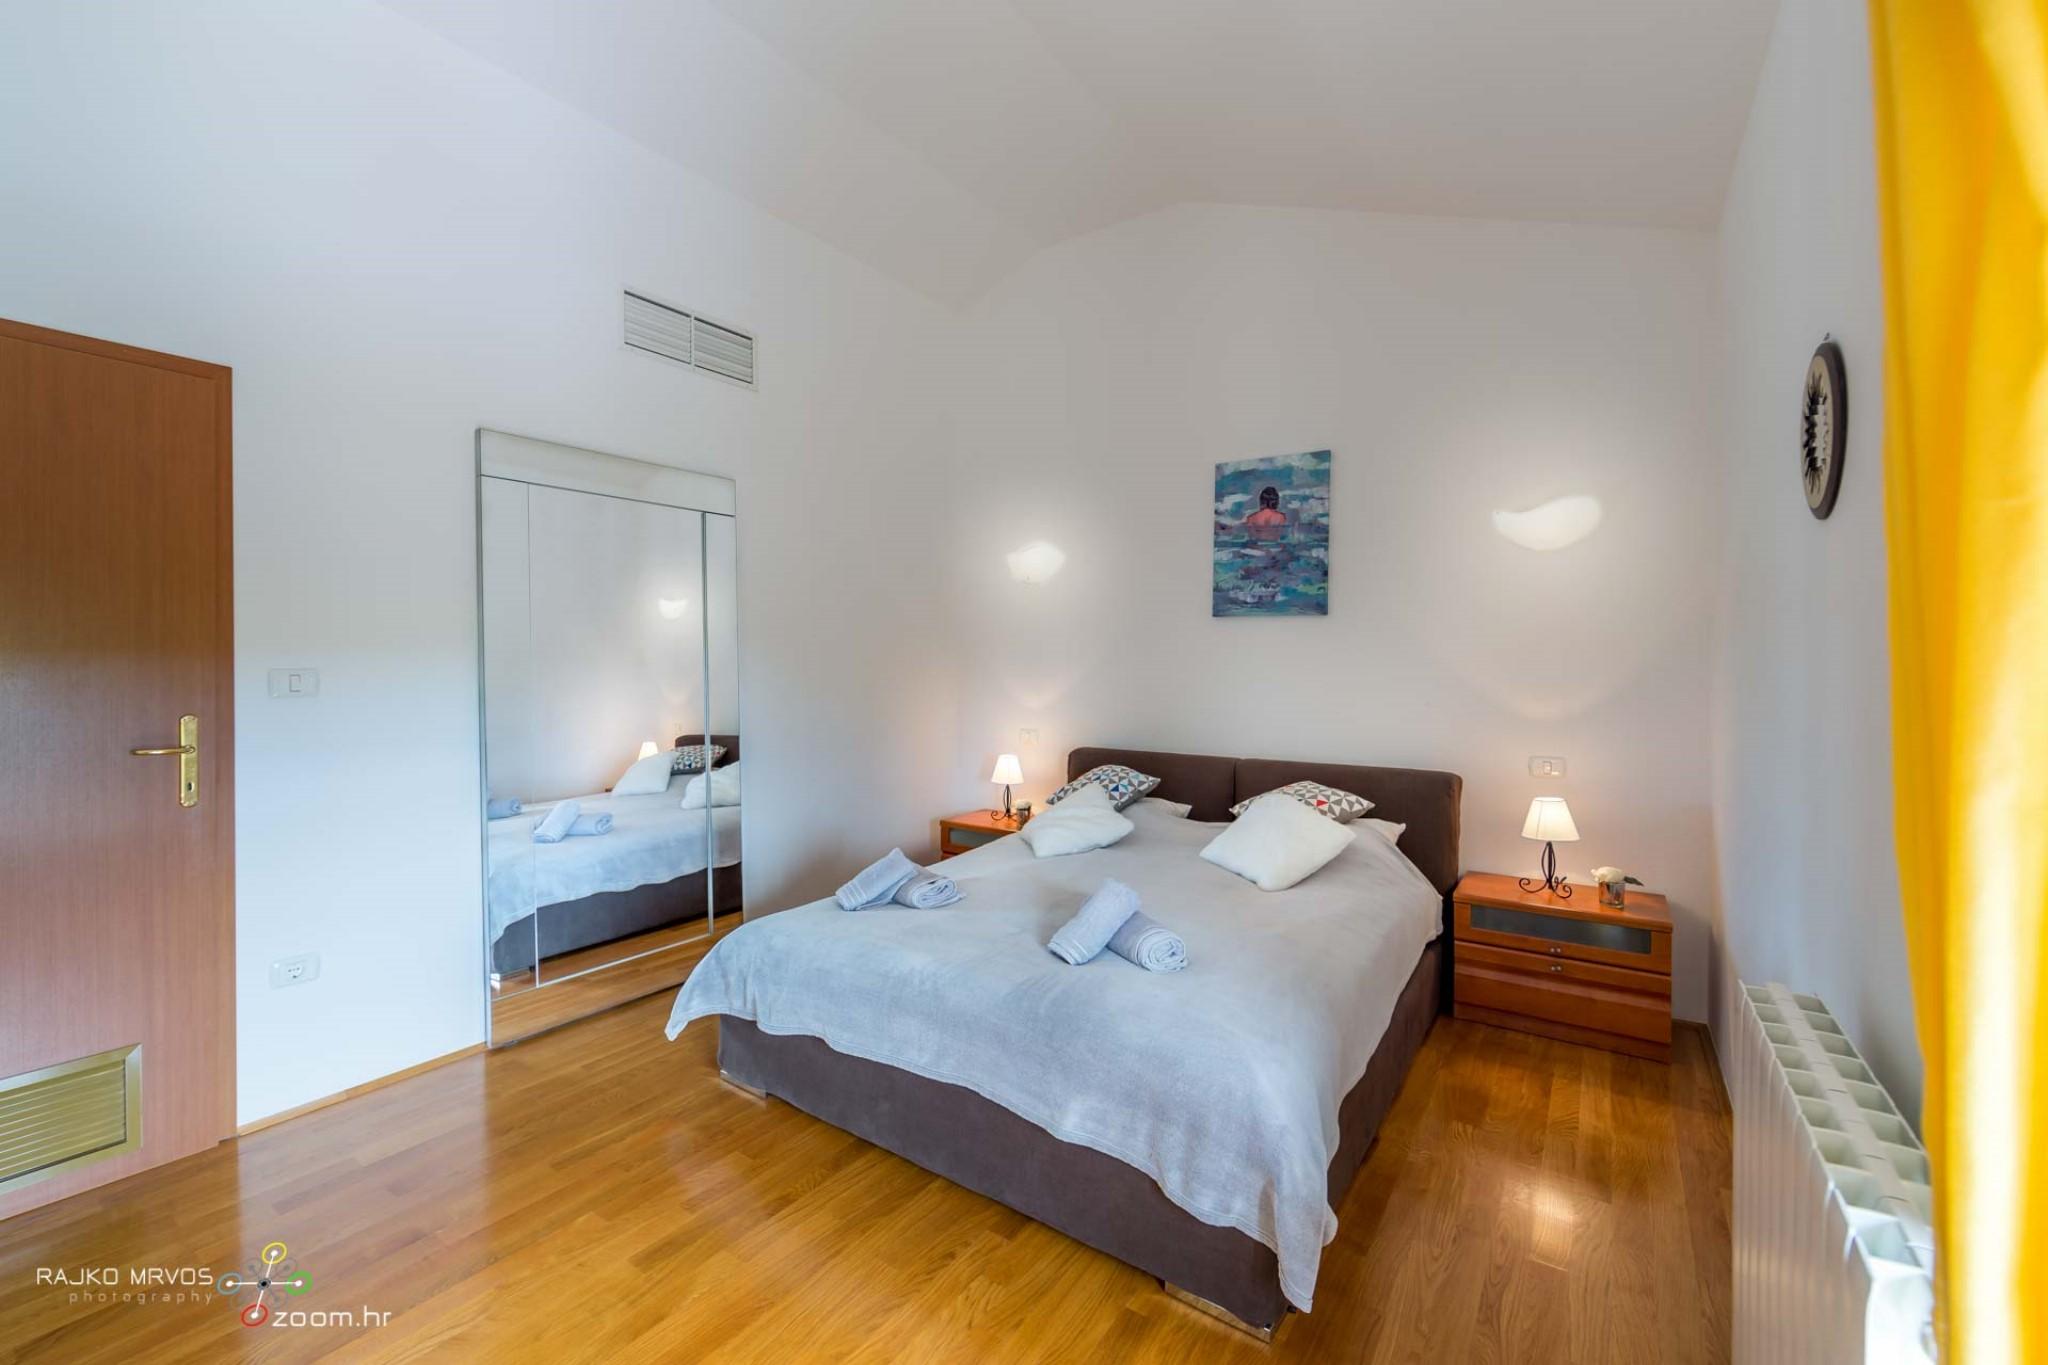 fotografiranje-interijera-fotograf-eksterijera-vila-kuca-apartmana-slikanje-villa-Fattoria-78